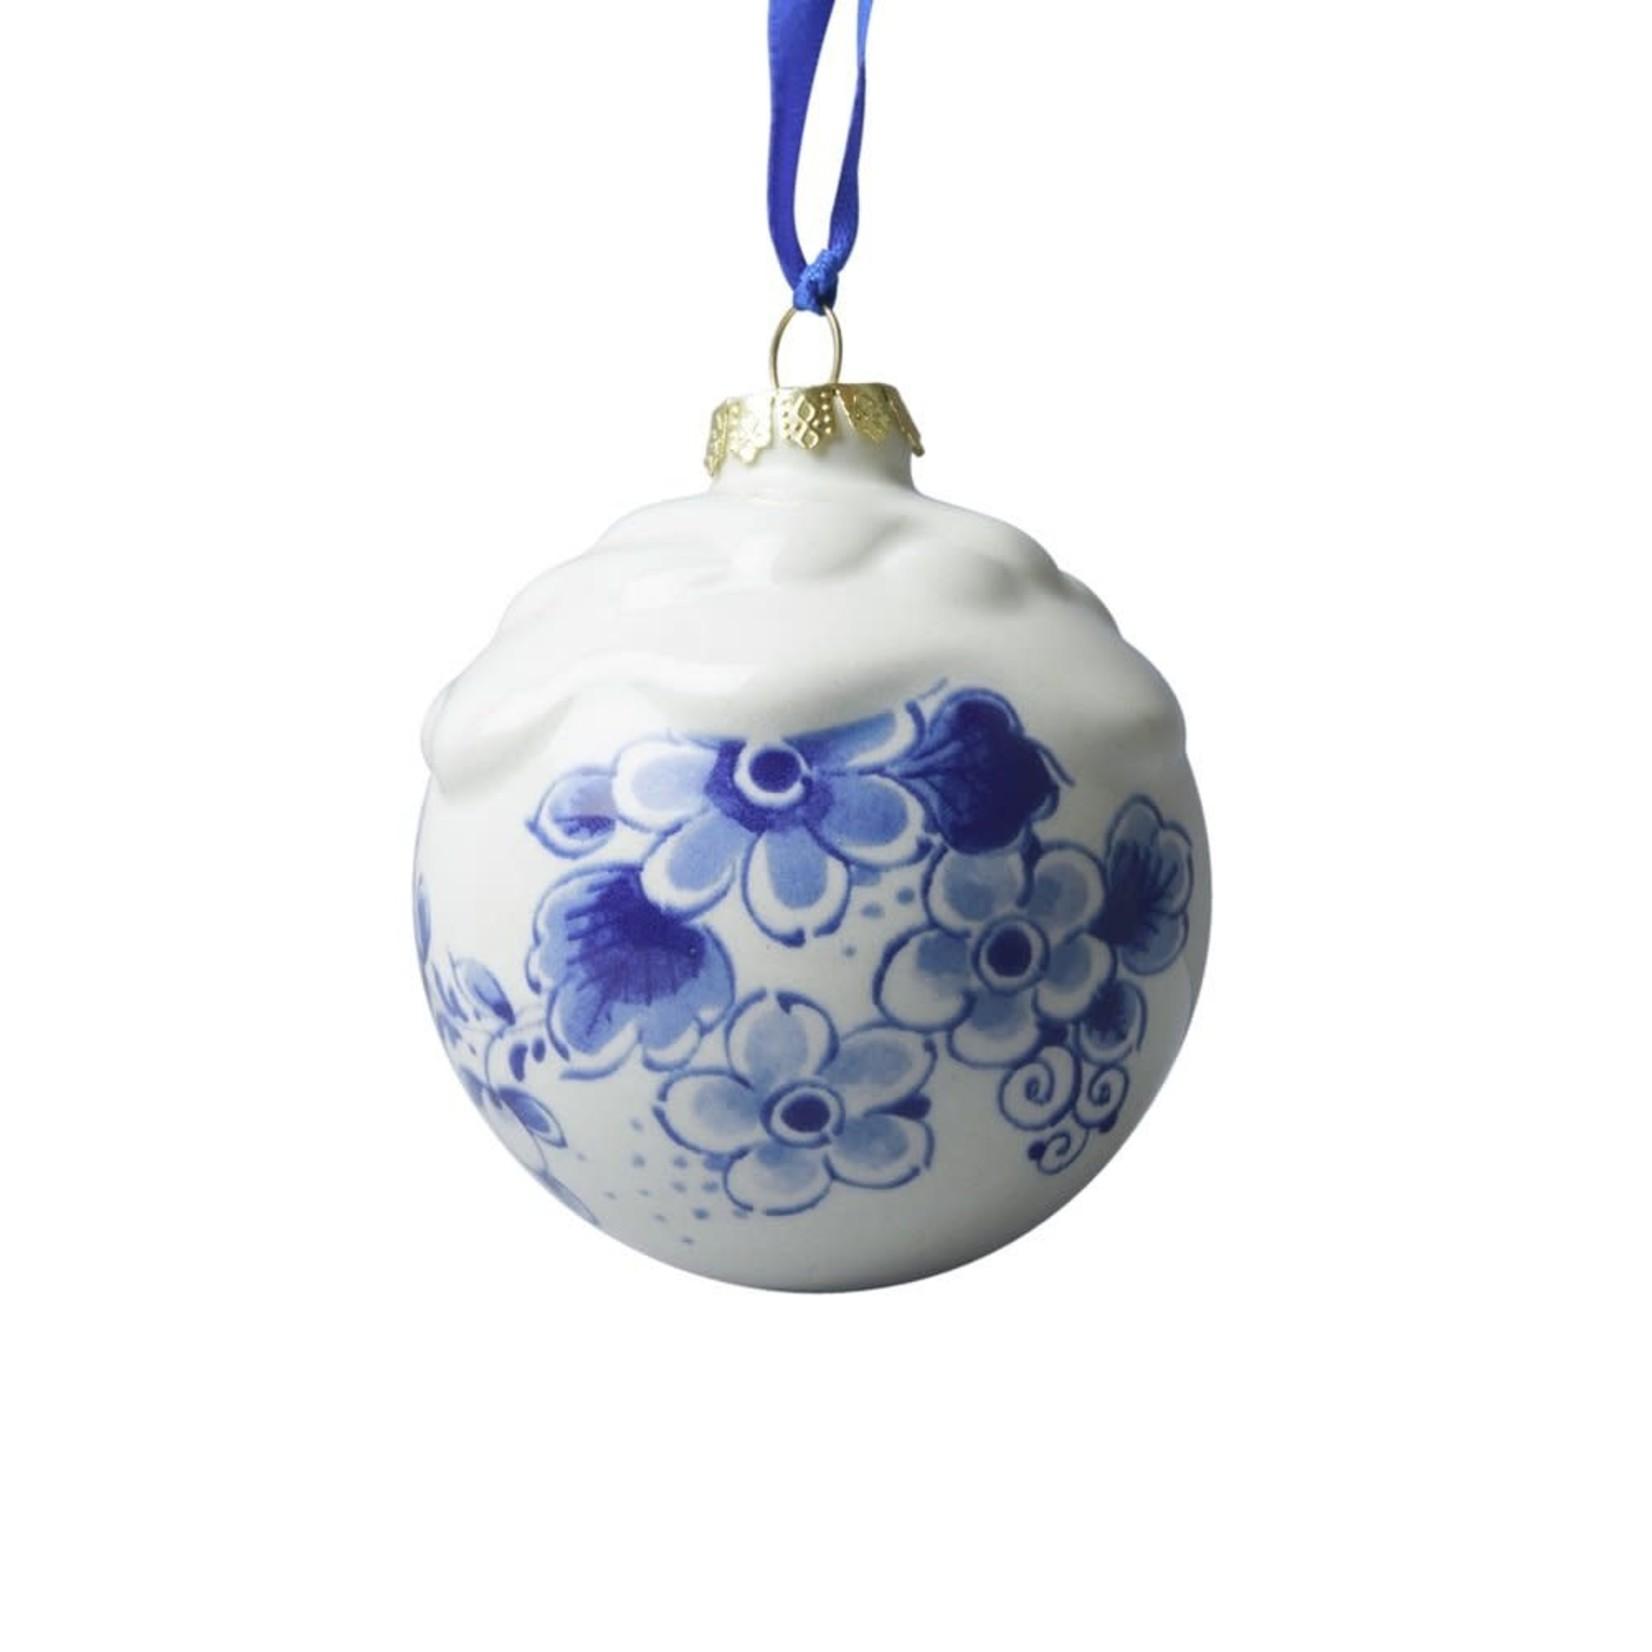 Heinen Delfts Blauw Kerstbal met sneeuw